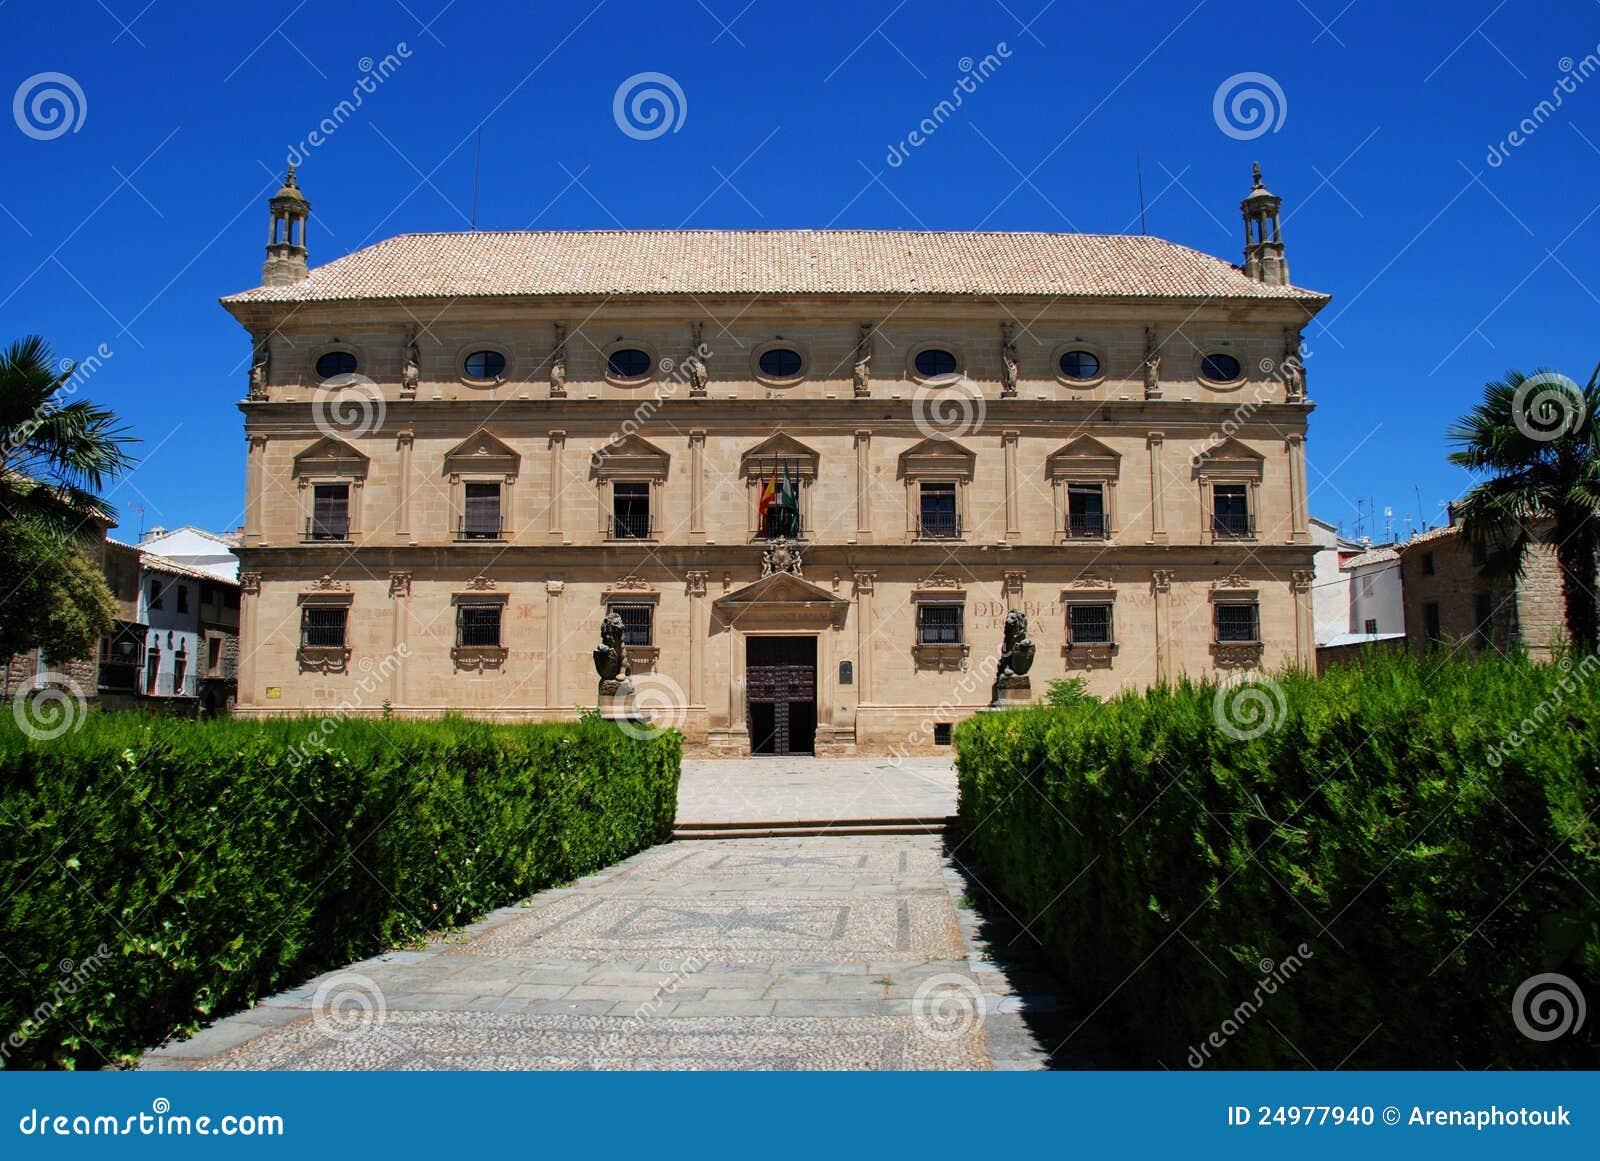 Réseaux palais, Ubeda, Espagne.